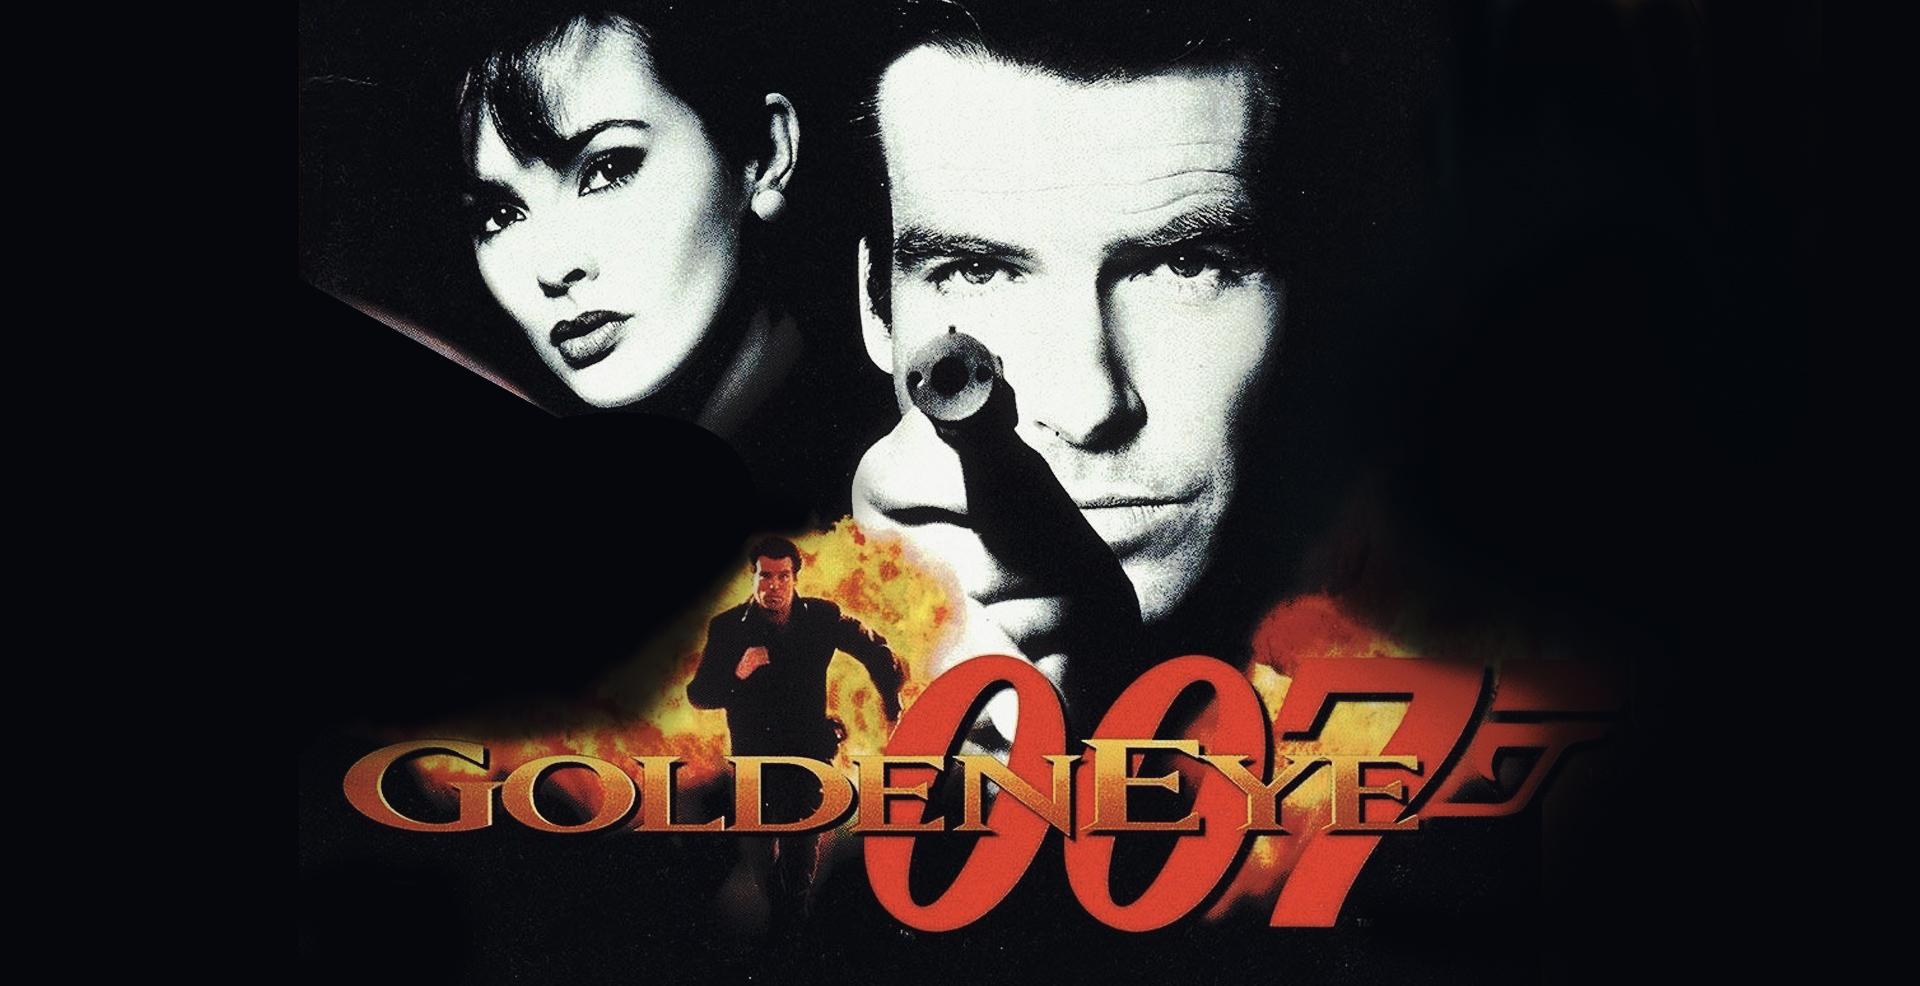 Se filtra video del remake cancelado de GoldenEye 007 que estaba preparando Xbox